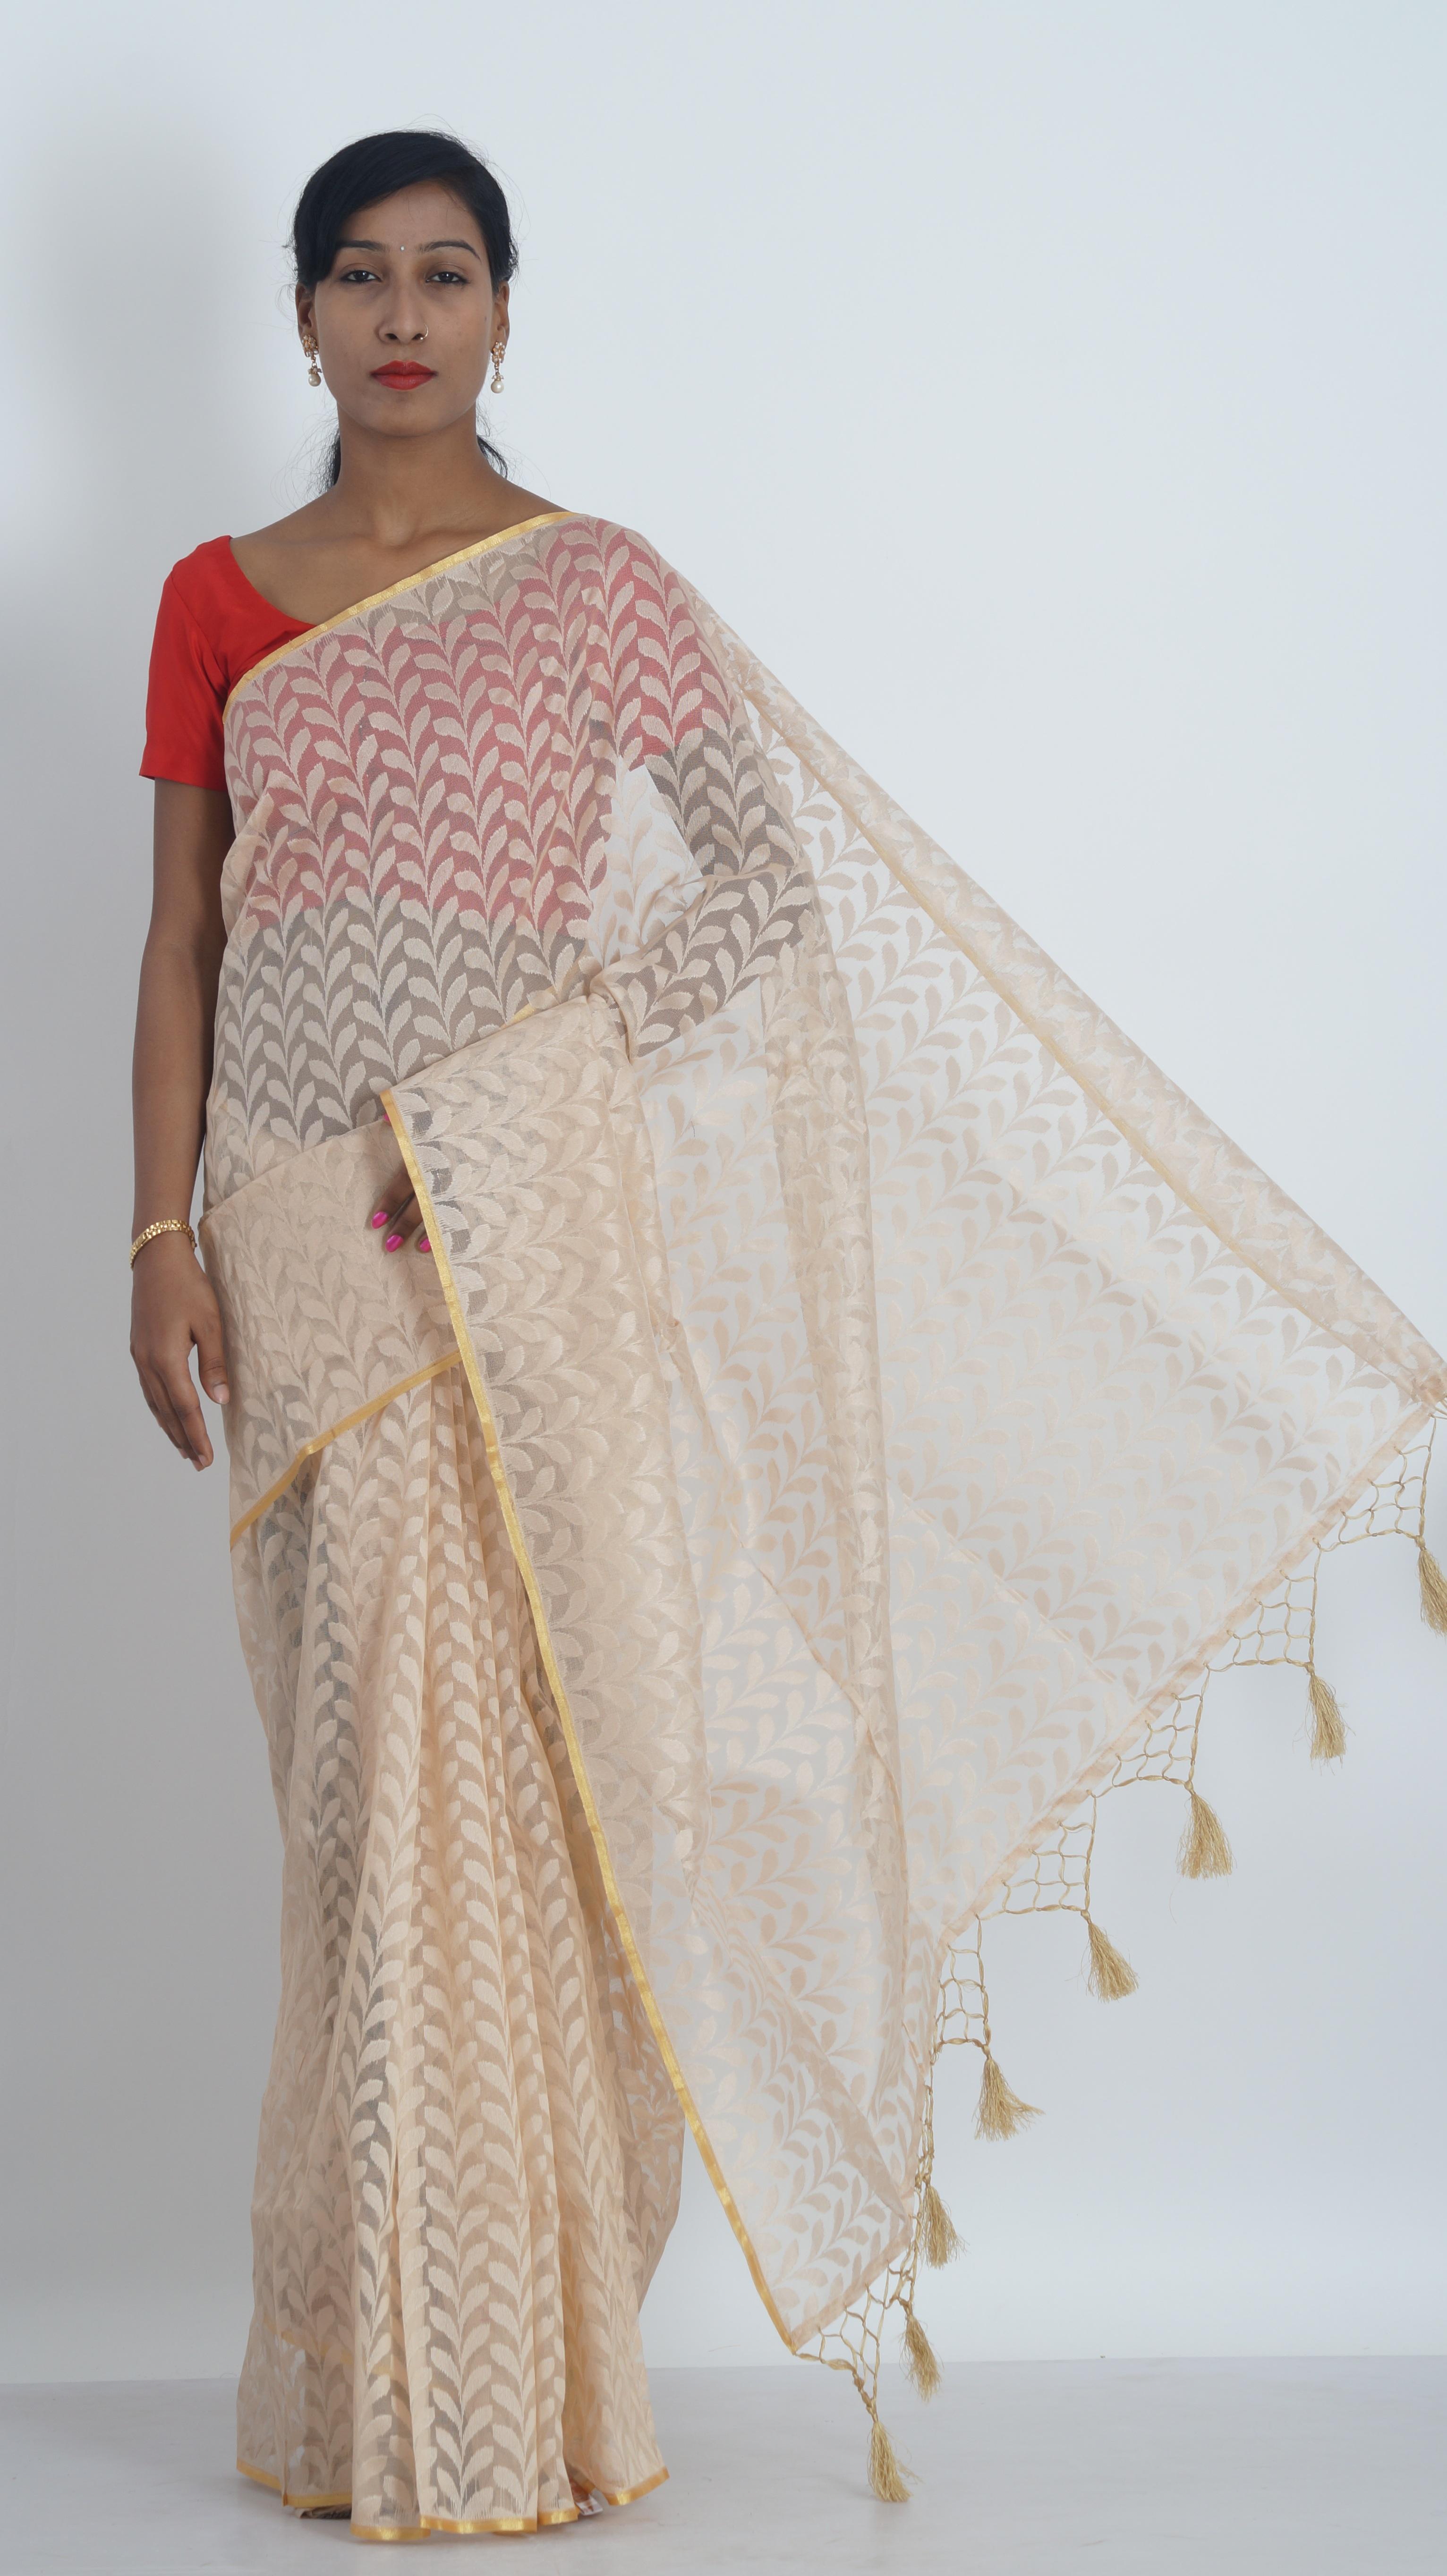 vzor oblečení svatební šaty textil design broskev Sari tradiční talár módní  design sarees dámské oblečení indické 651f7e58c6a